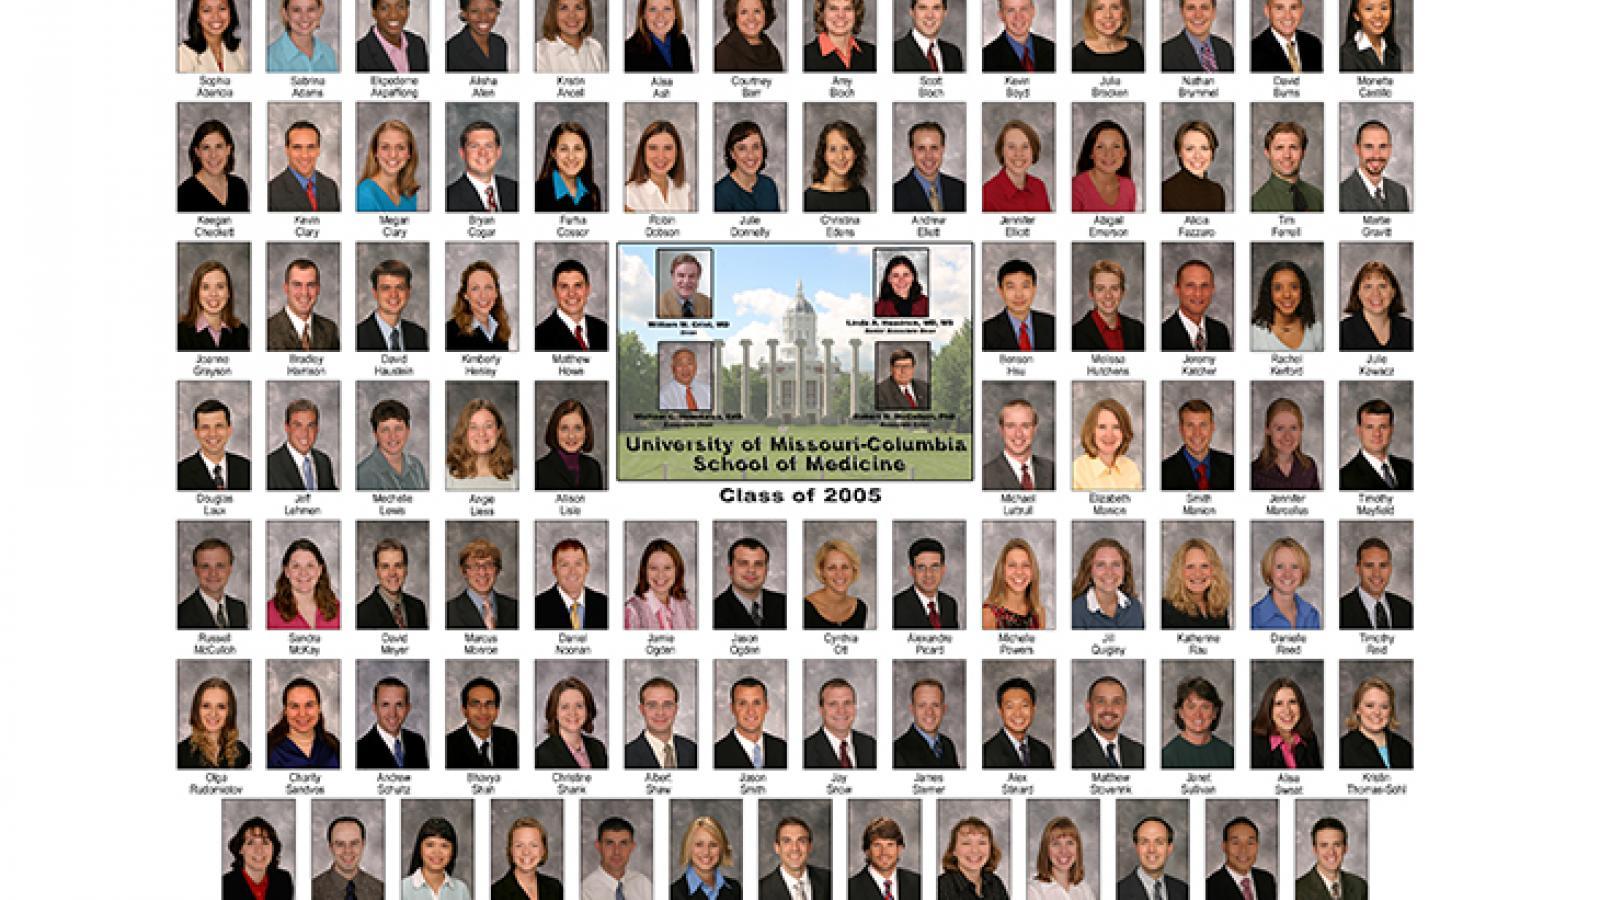 Class of 2005 composite